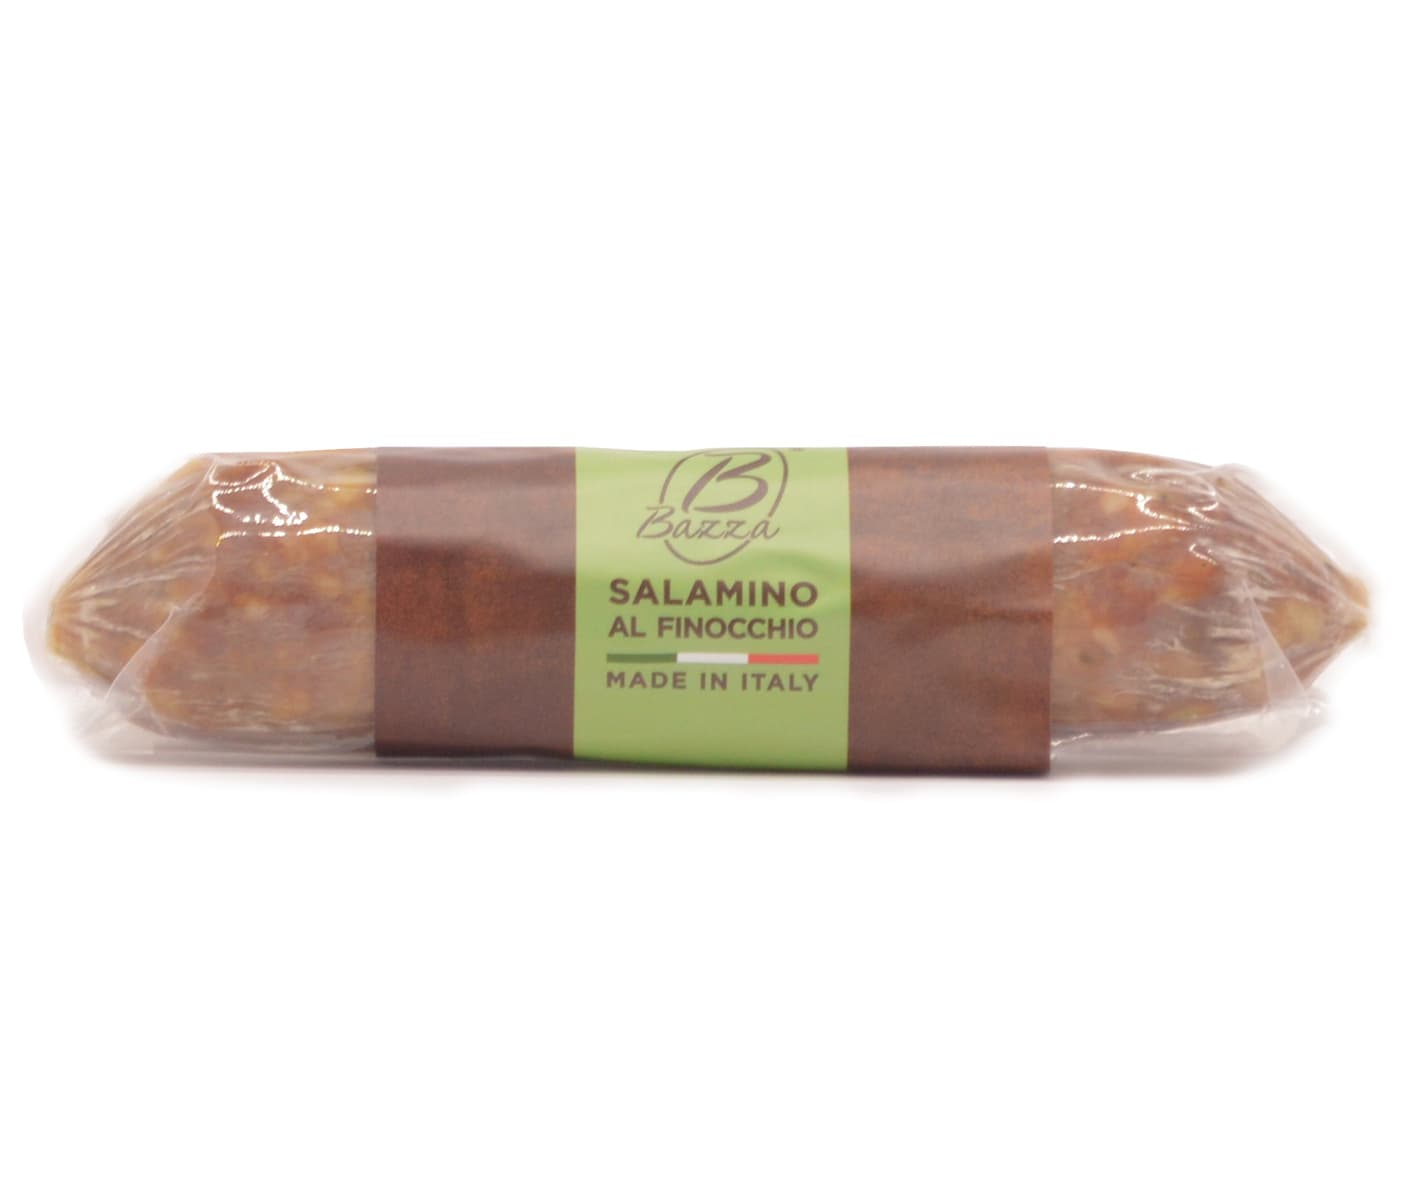 Salamino Al Finocchio